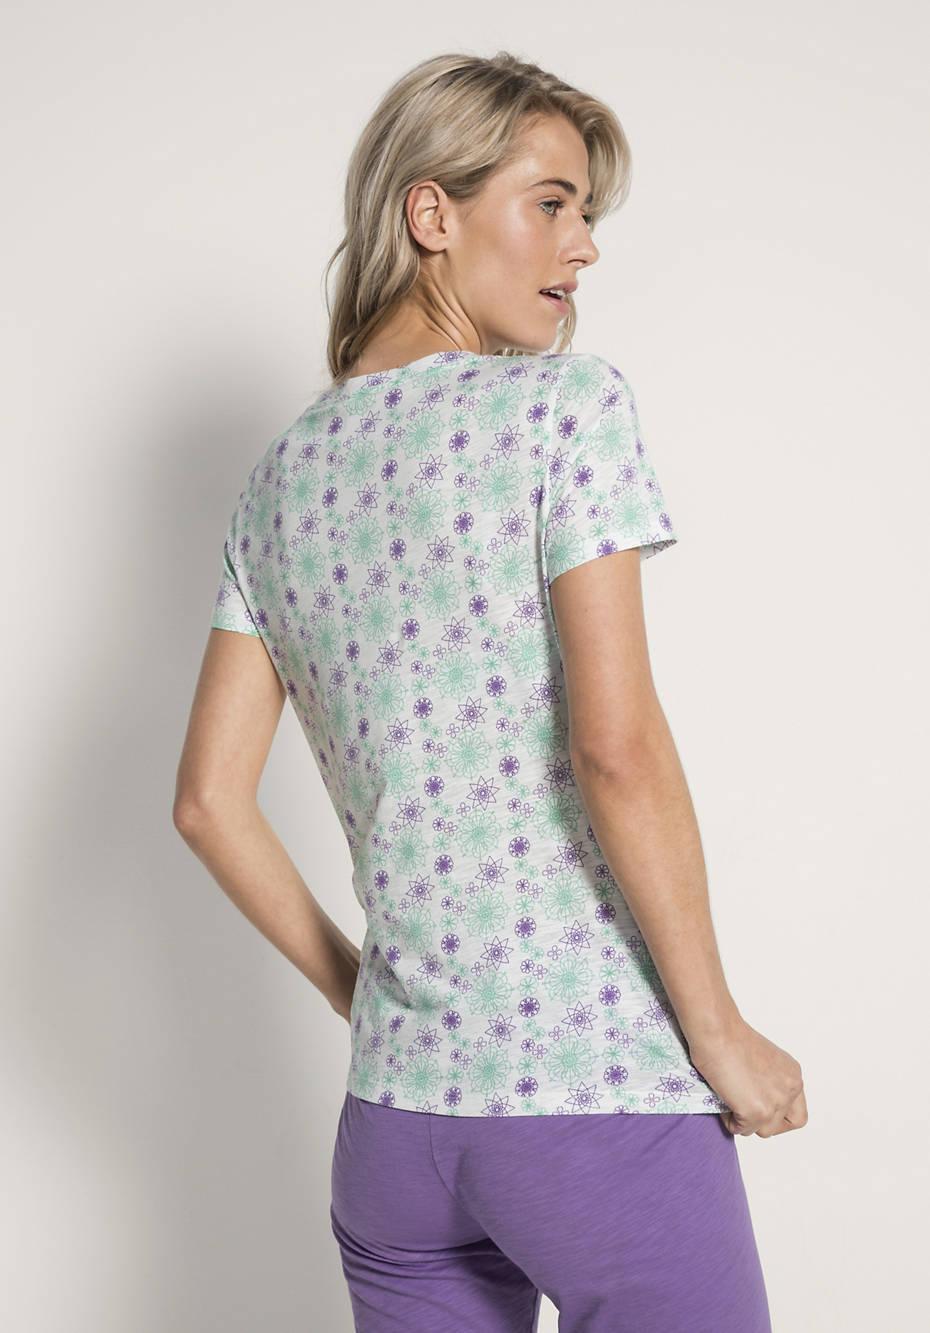 sale retailer b9dd1 39eaf Damen Schlafshirt aus reiner Bio-Baumwolle